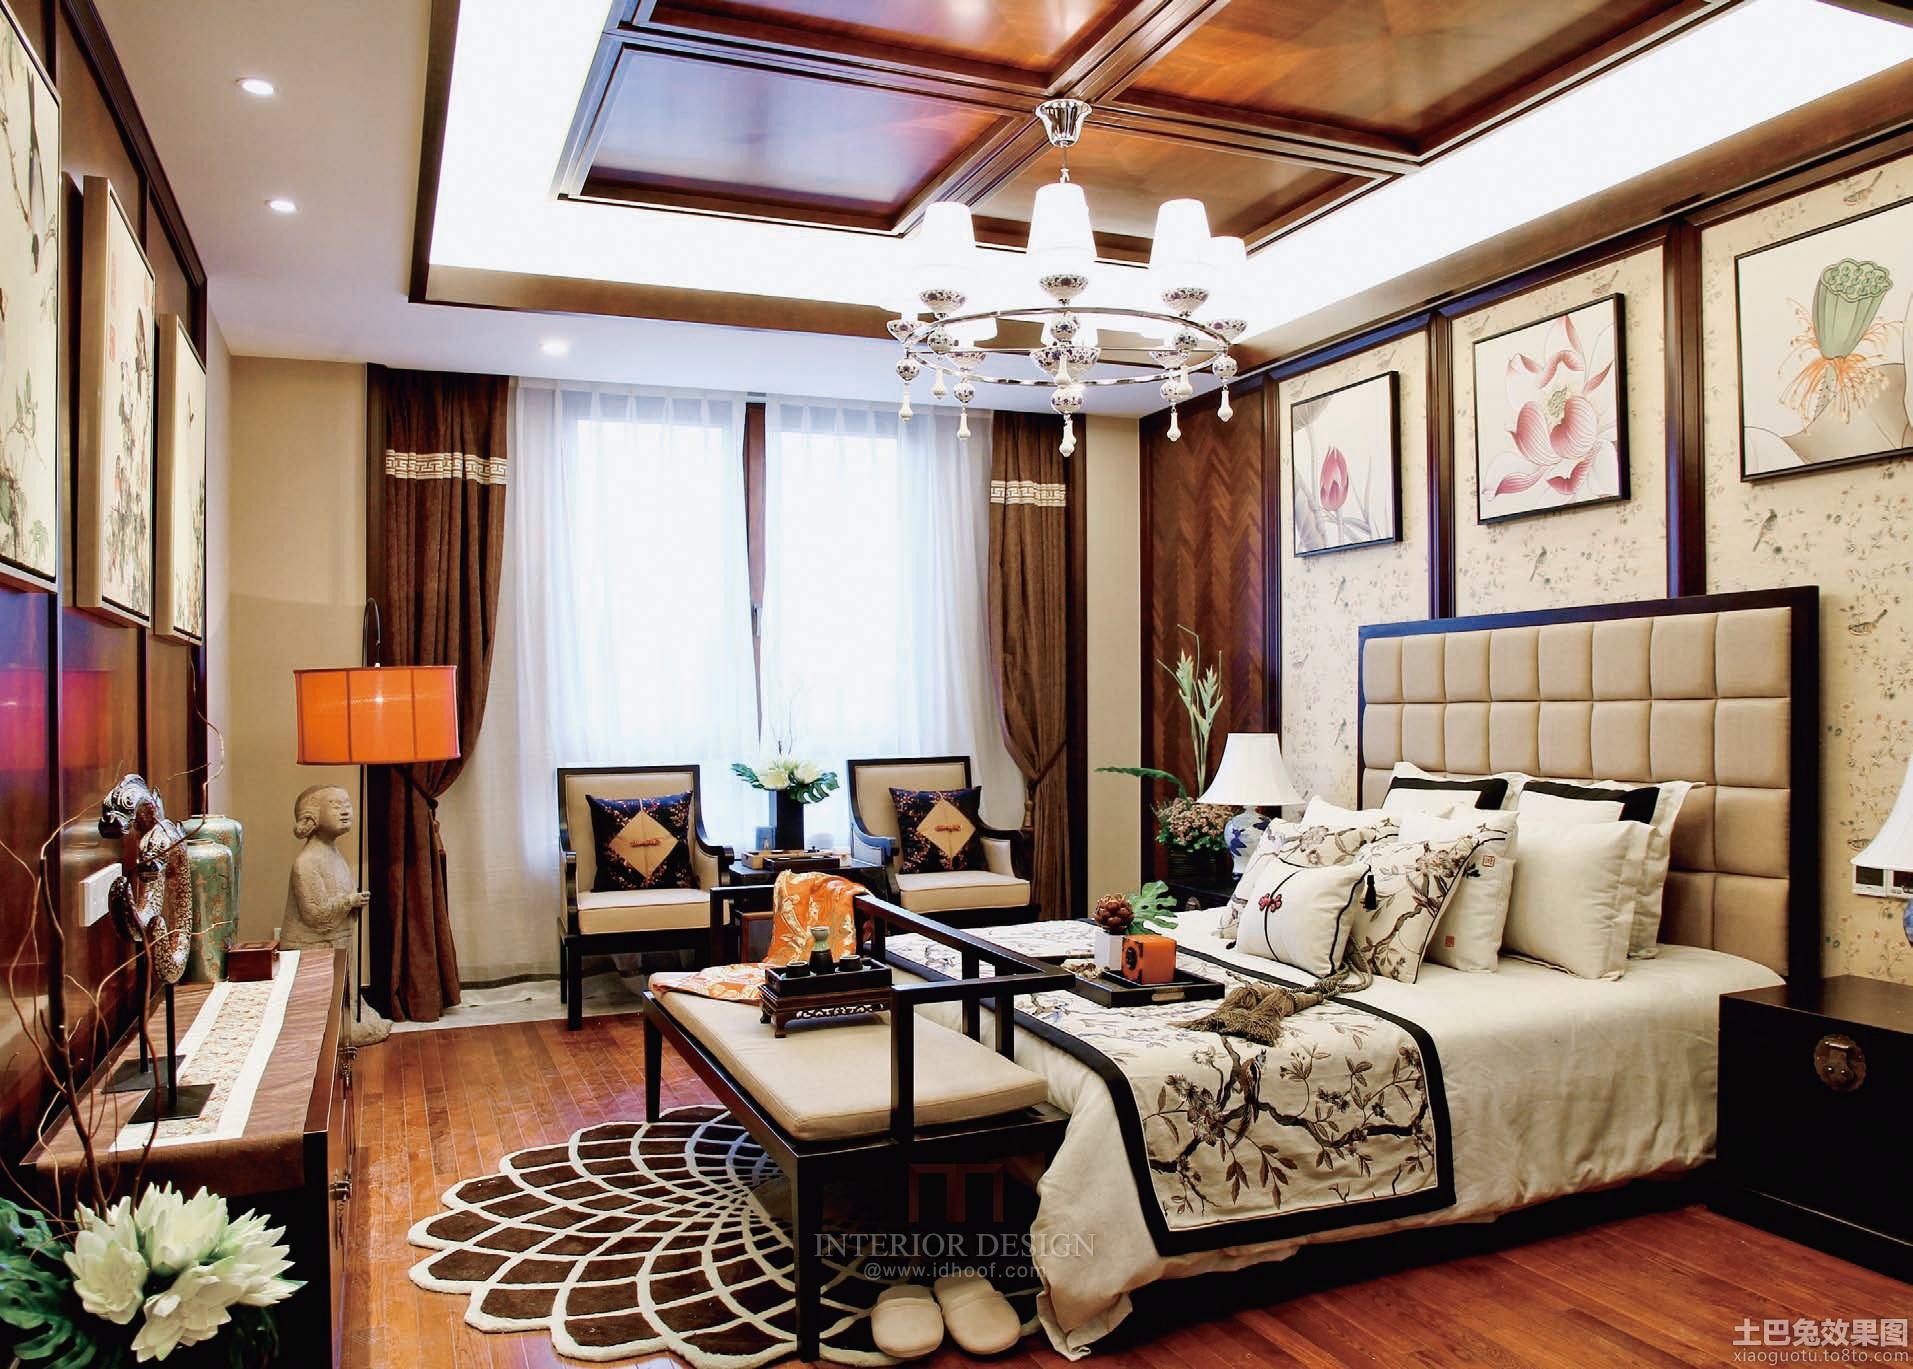 中式风格三室两厅卧室装修效果图欣赏大全2014图片 (7/7)图片